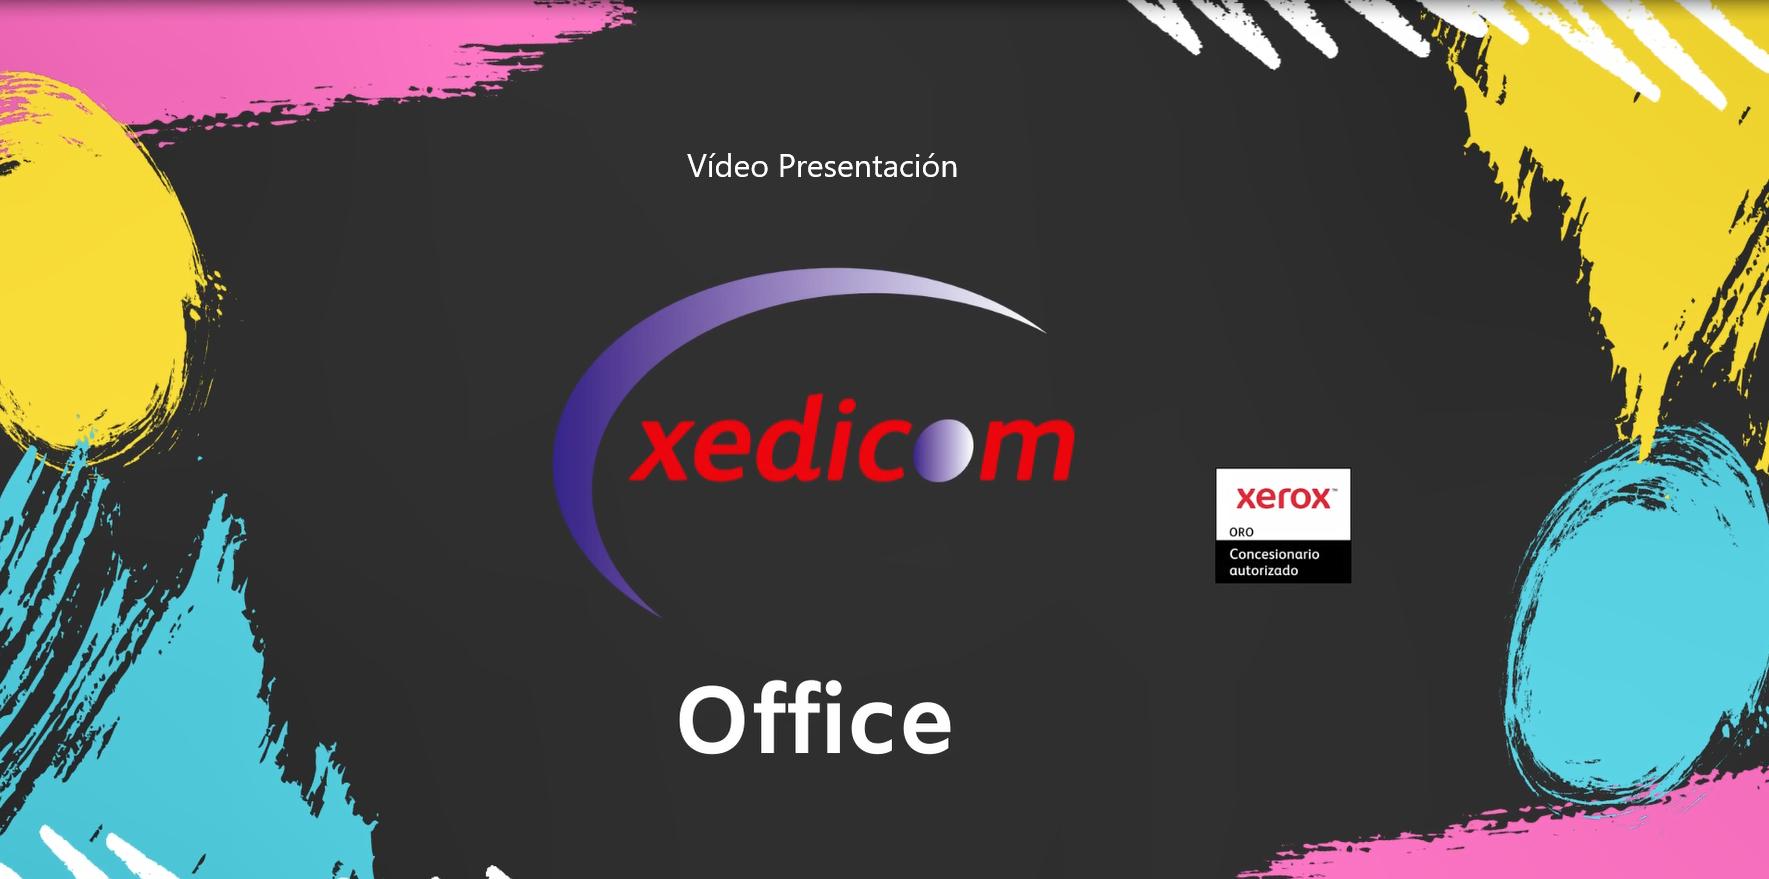 Presentación Xedicom - Xerox